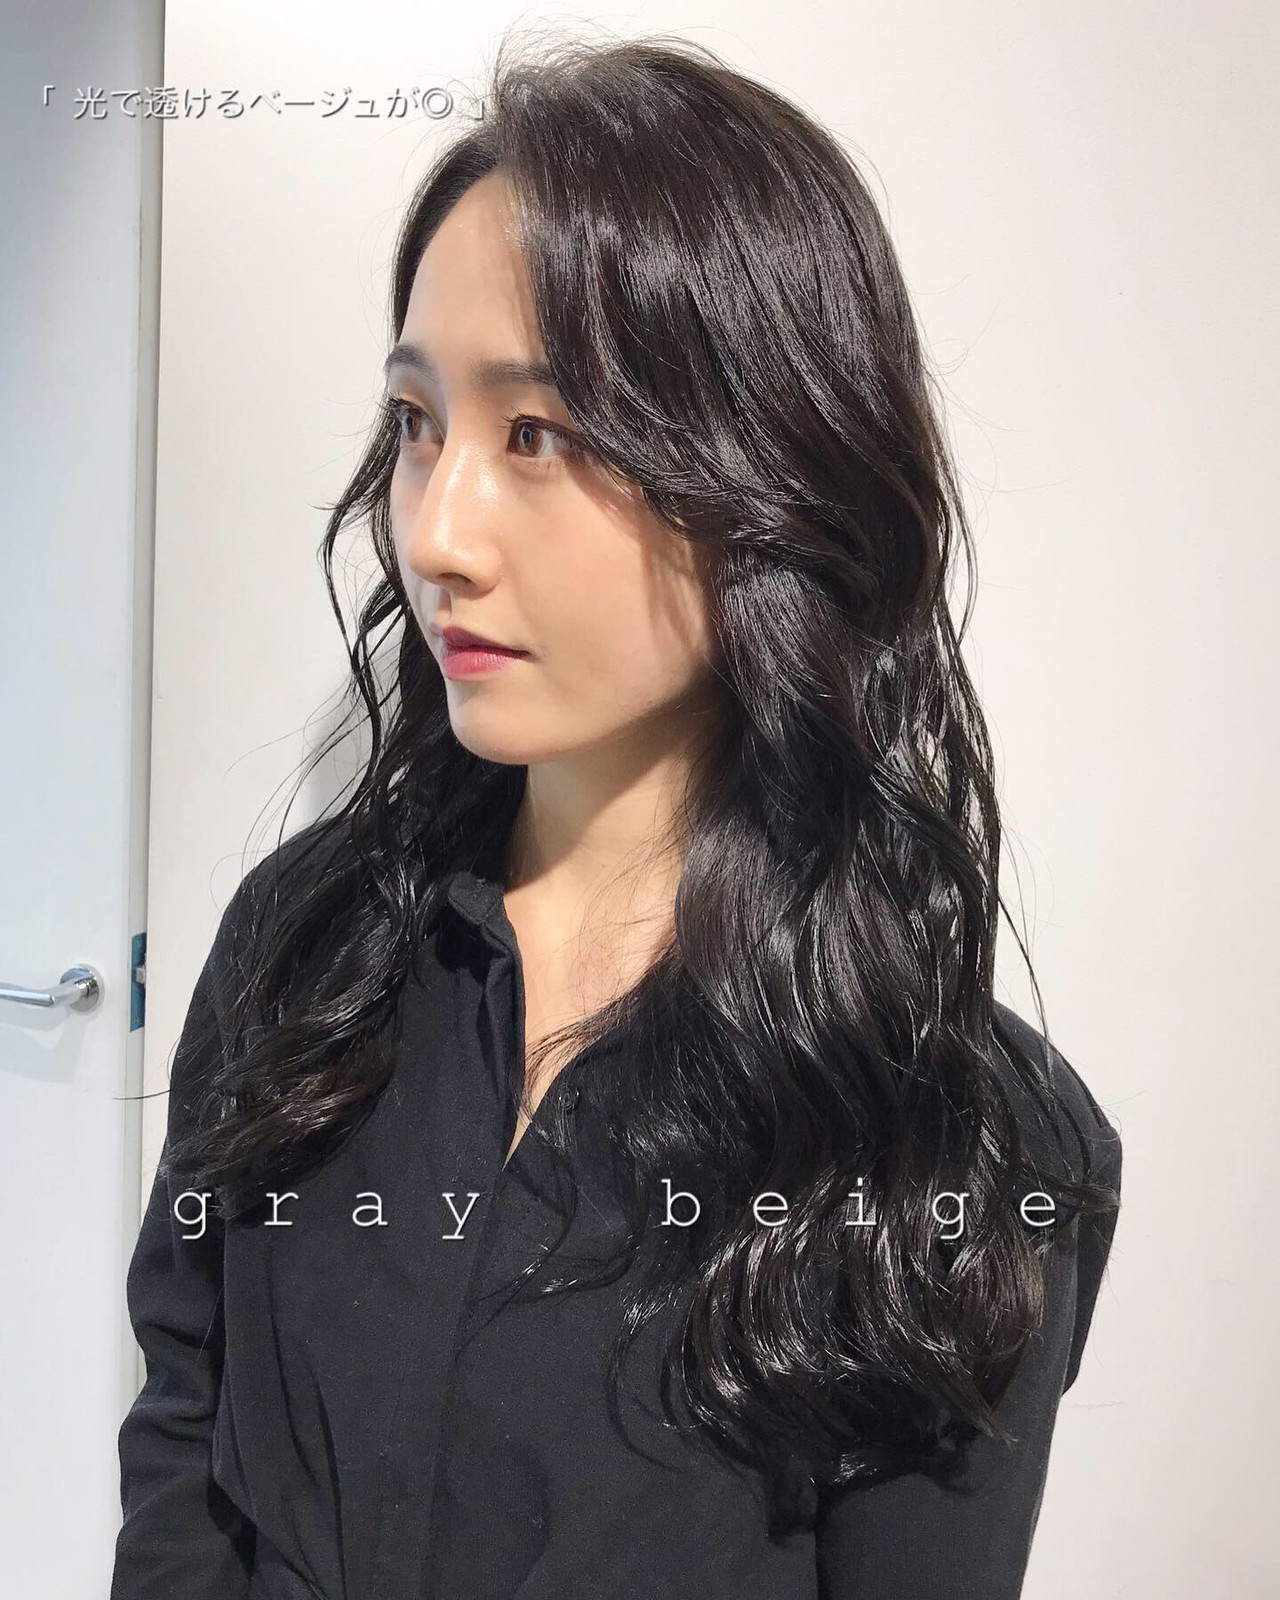 ネイビー 暗髪 ブルーブラック モード ヘアスタイルや髪型の写真・画像